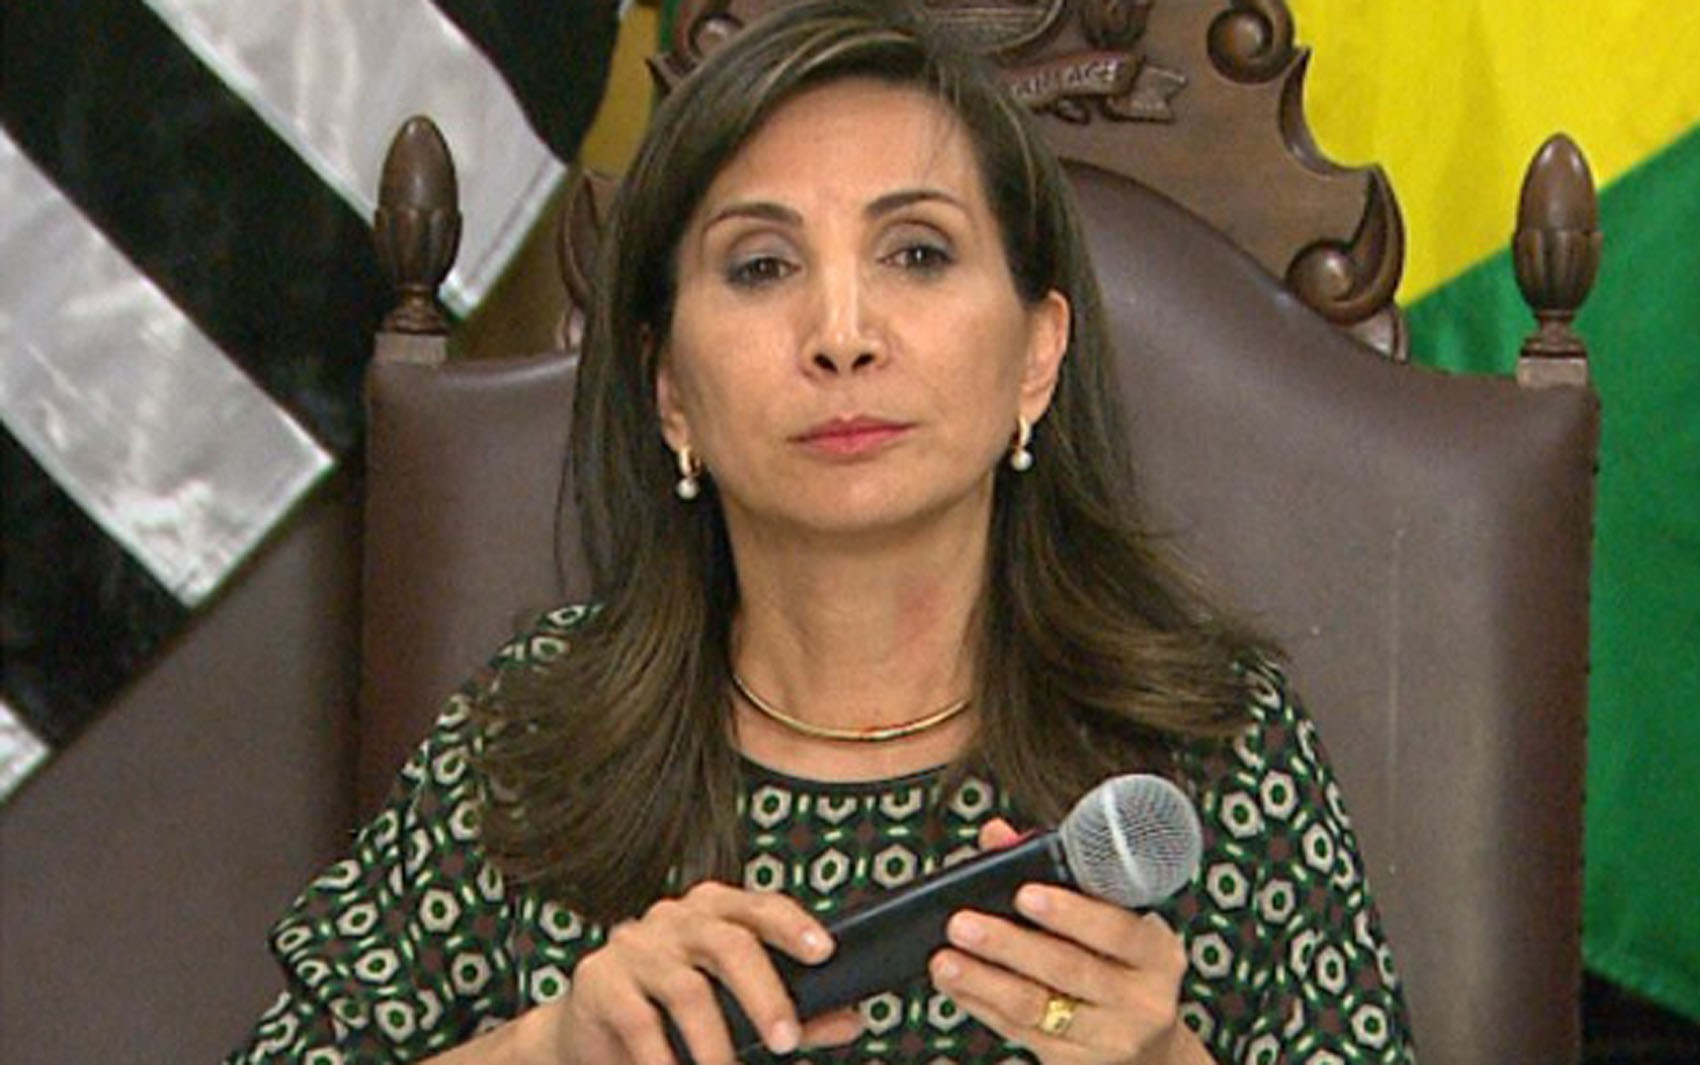 Câmara rejeita prestação de contas de 2015 da Prefeitura de Ribeirão Preto, SP  - Notícias - Plantão Diário